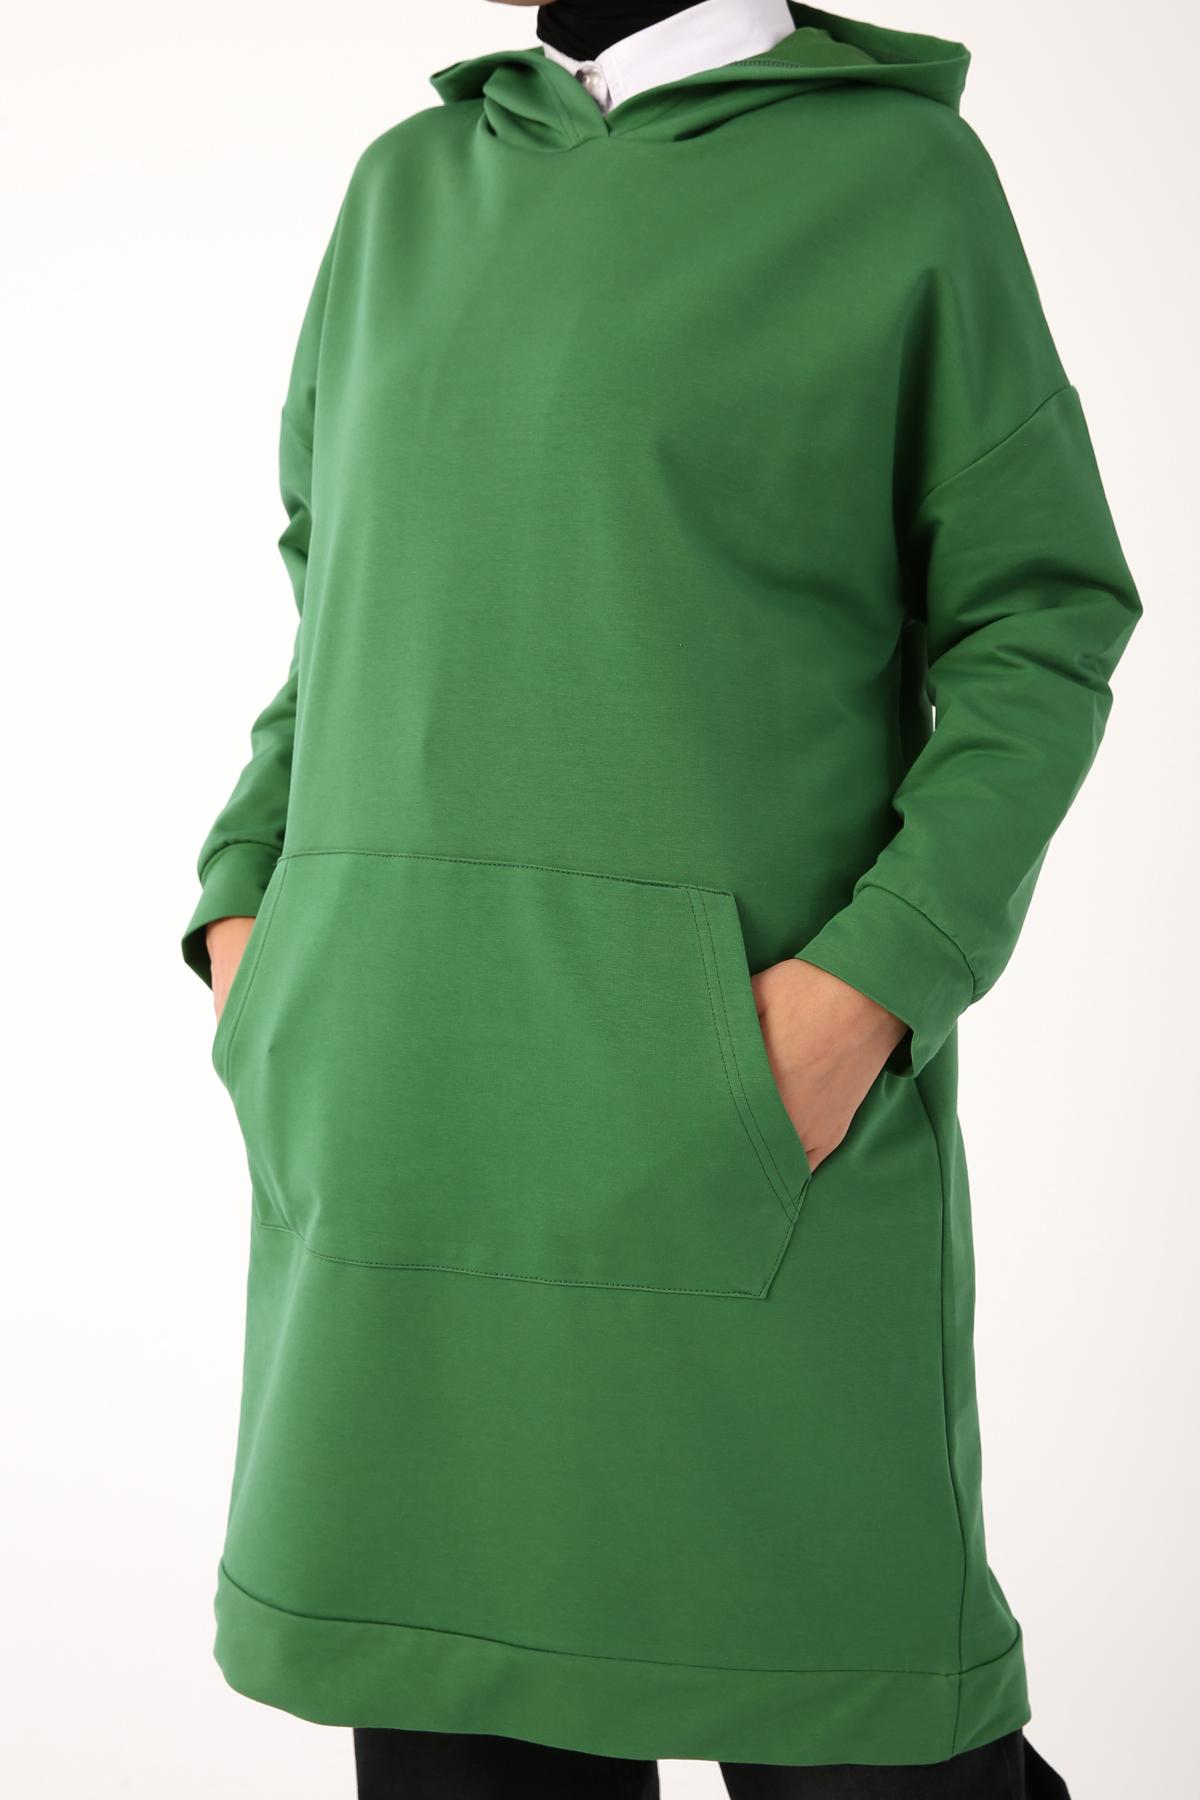 Hooded Kangaroo Pocket Sweatshirt Tunic